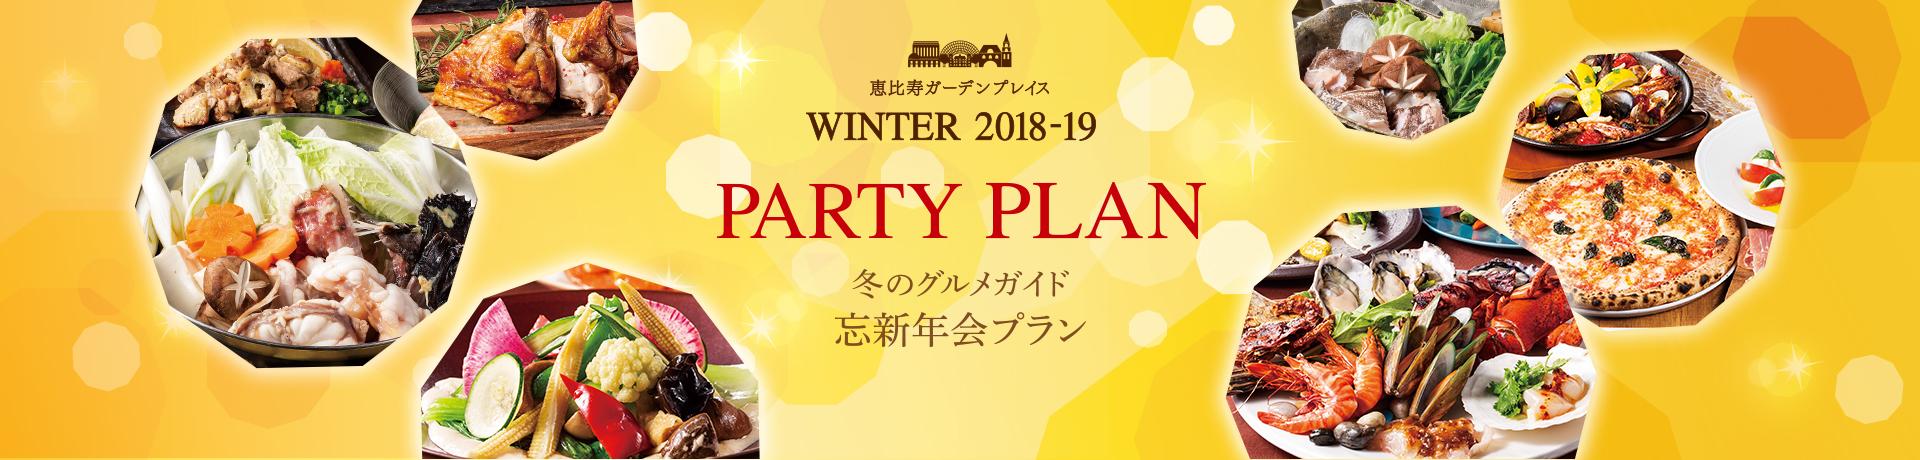 惠比壽花園2018-2019 WINTER PARTY PLAN冬天的美食指南忘年會計劃